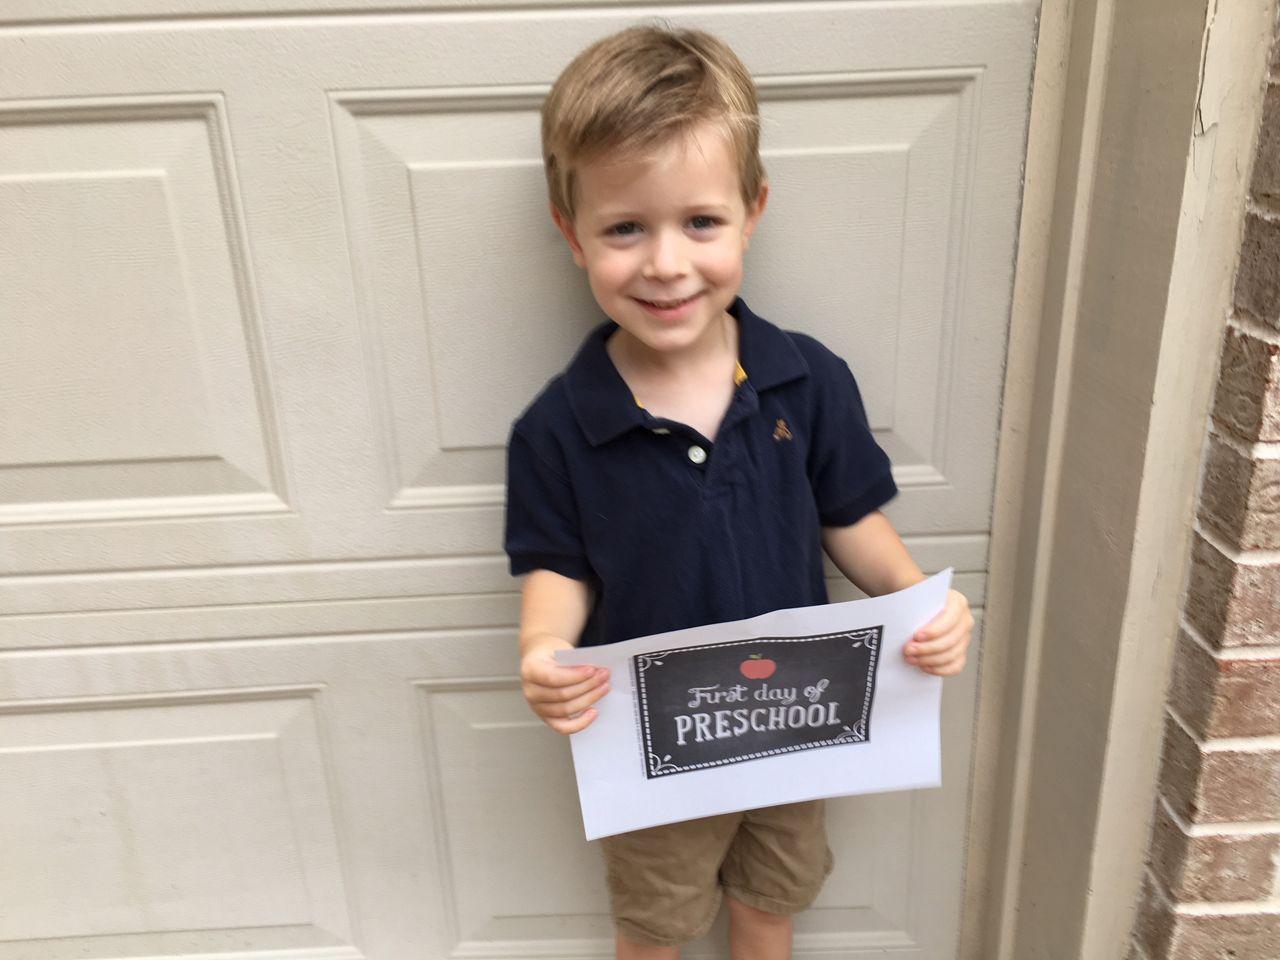 Benjamin is starting preschool.